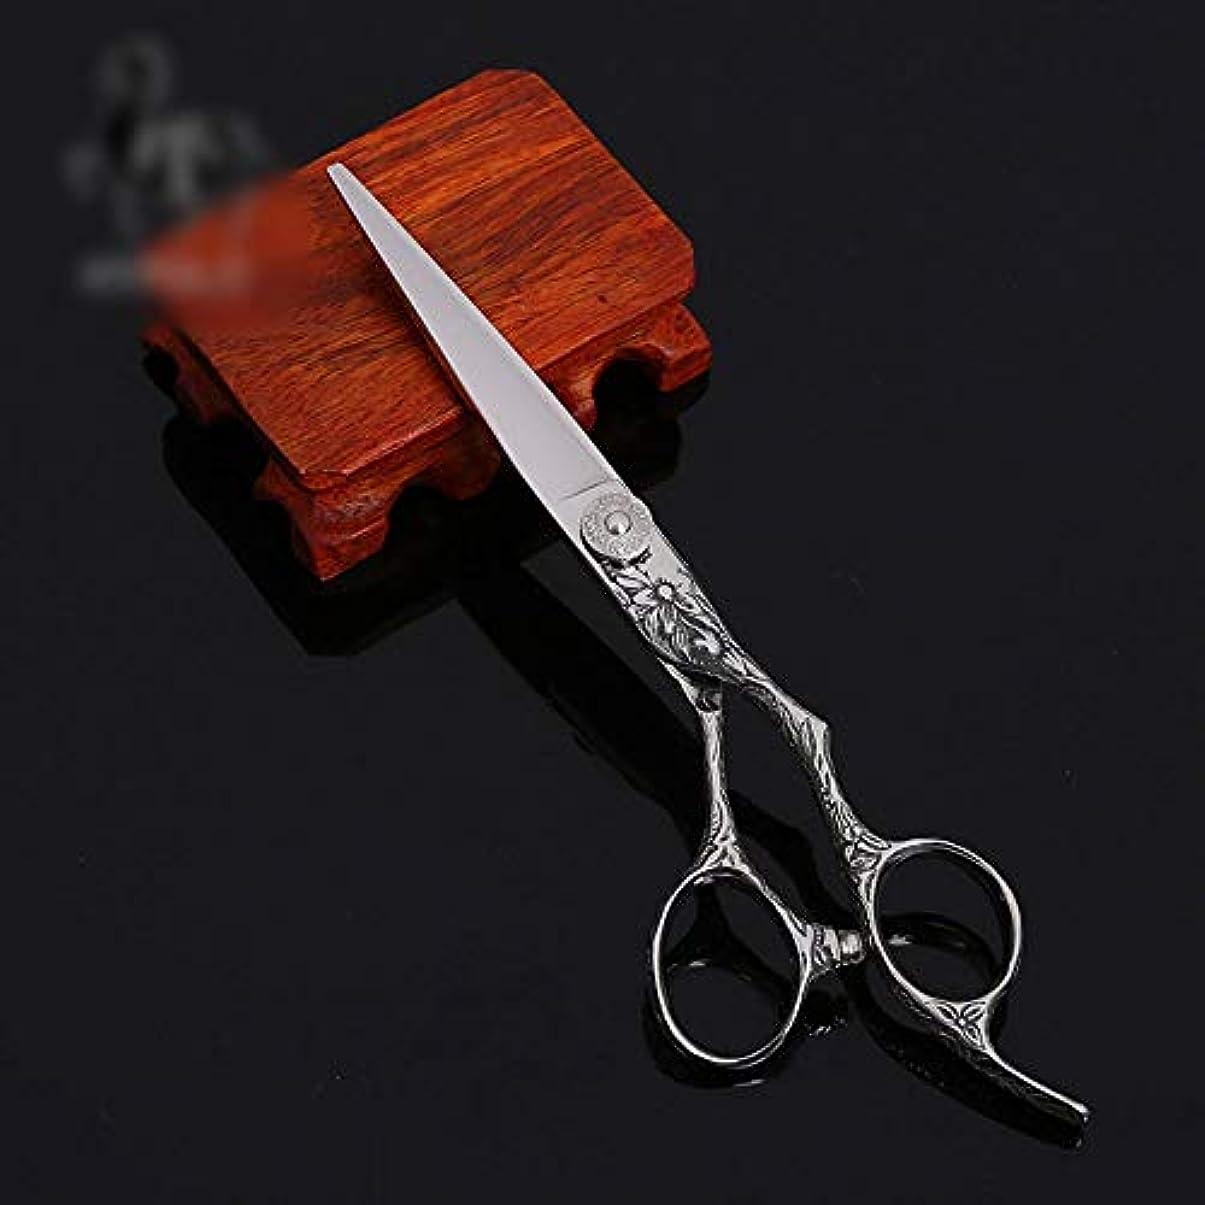 追うおいしい写真を描くGoodsok-jp 6インチの美容院の専門の上限の理髪はさみの専門の平らなせん断セット (色 : Silver)